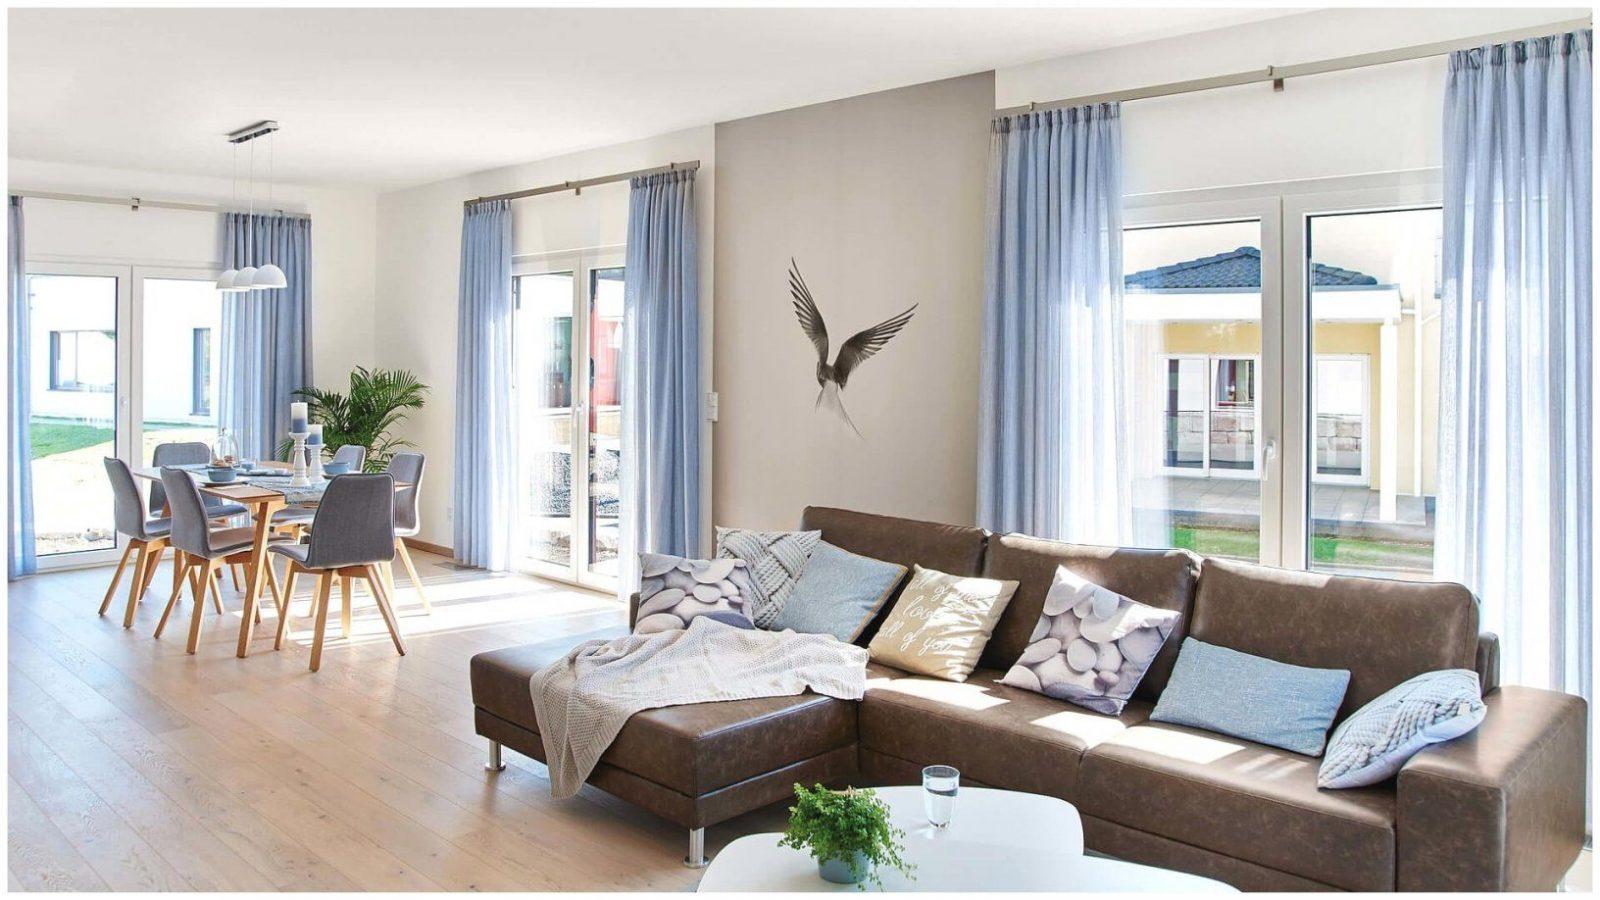 Gardinen Bodentiefe Fenster 211095 Wunderschöne Inspiration Gardinen von Gardinen Für Bodentiefe Fenster Photo